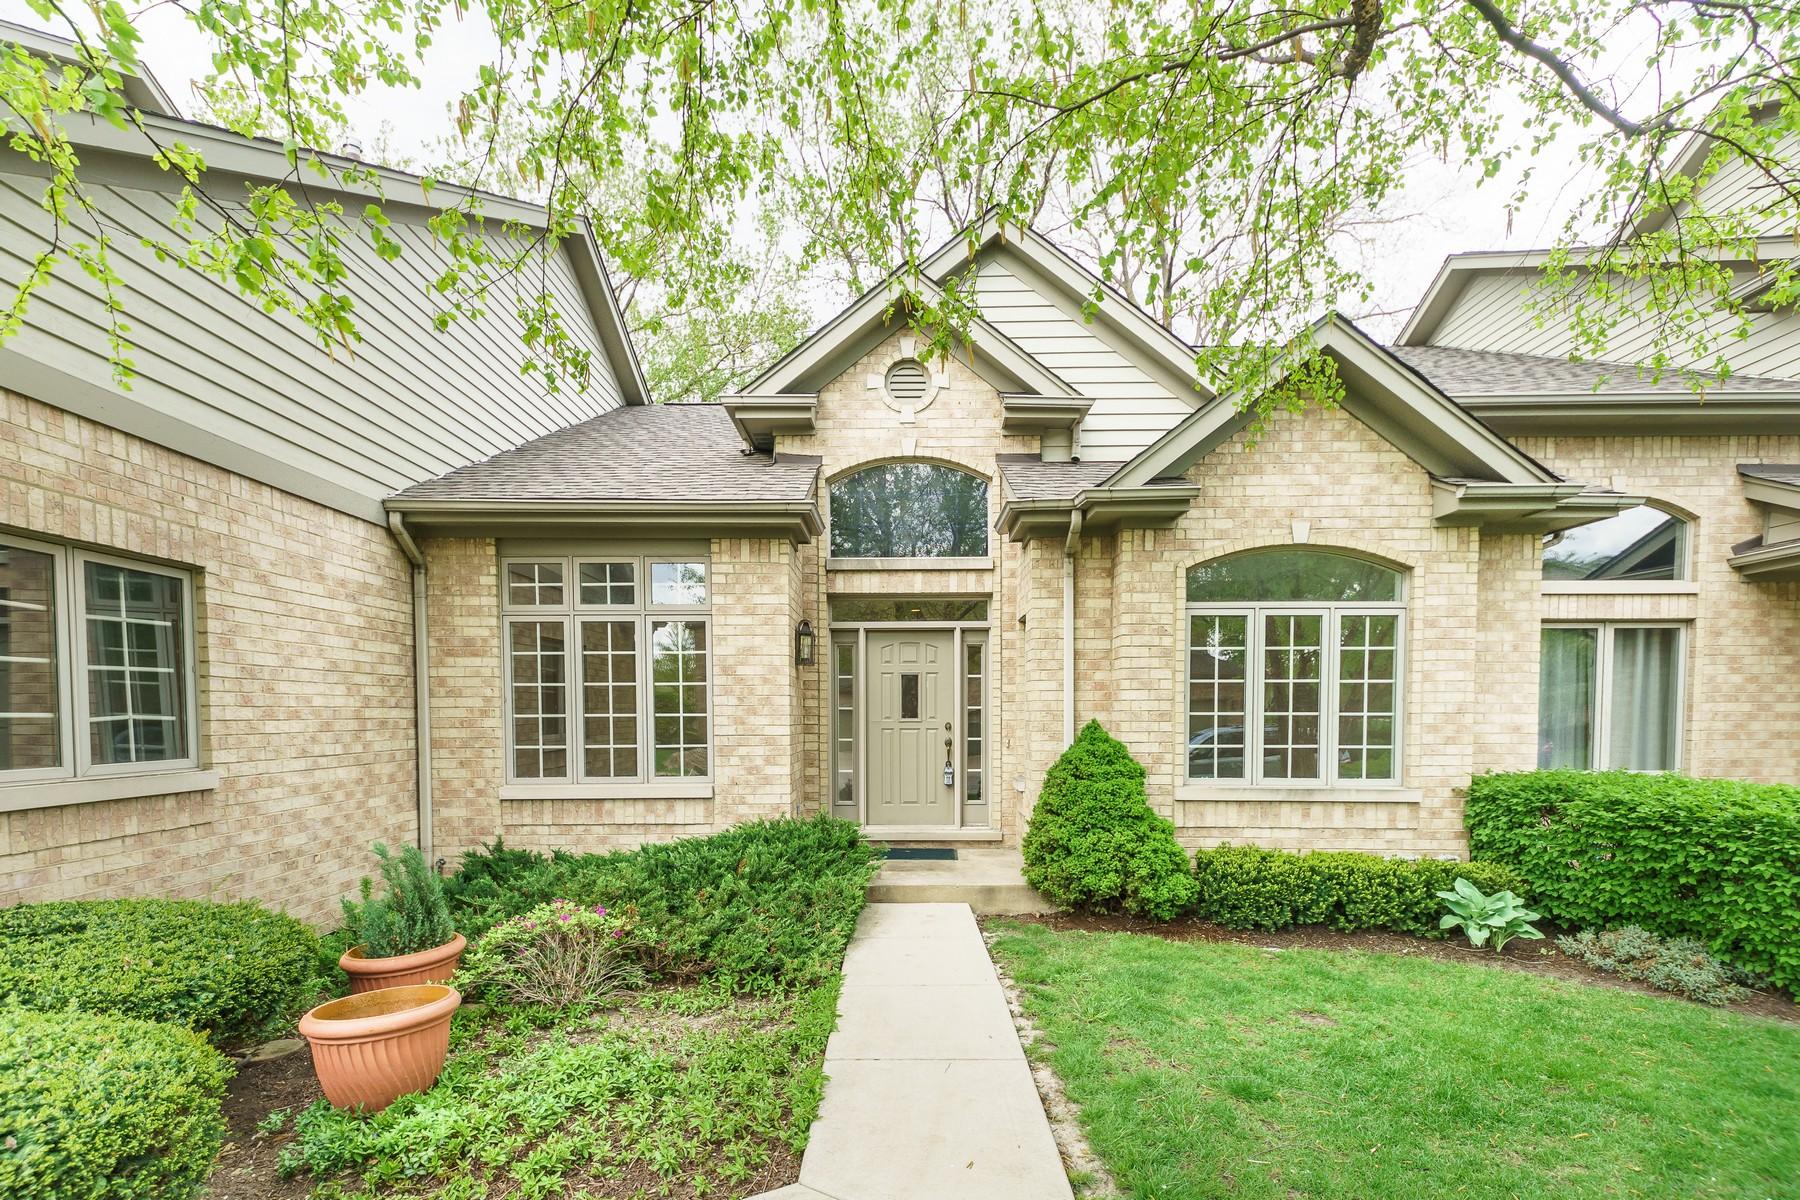 Einfamilienhaus für Verkauf beim 1409 48th. Ct. South 1408 49th. Court South Western Springs, Illinois, 60558 Vereinigte Staaten